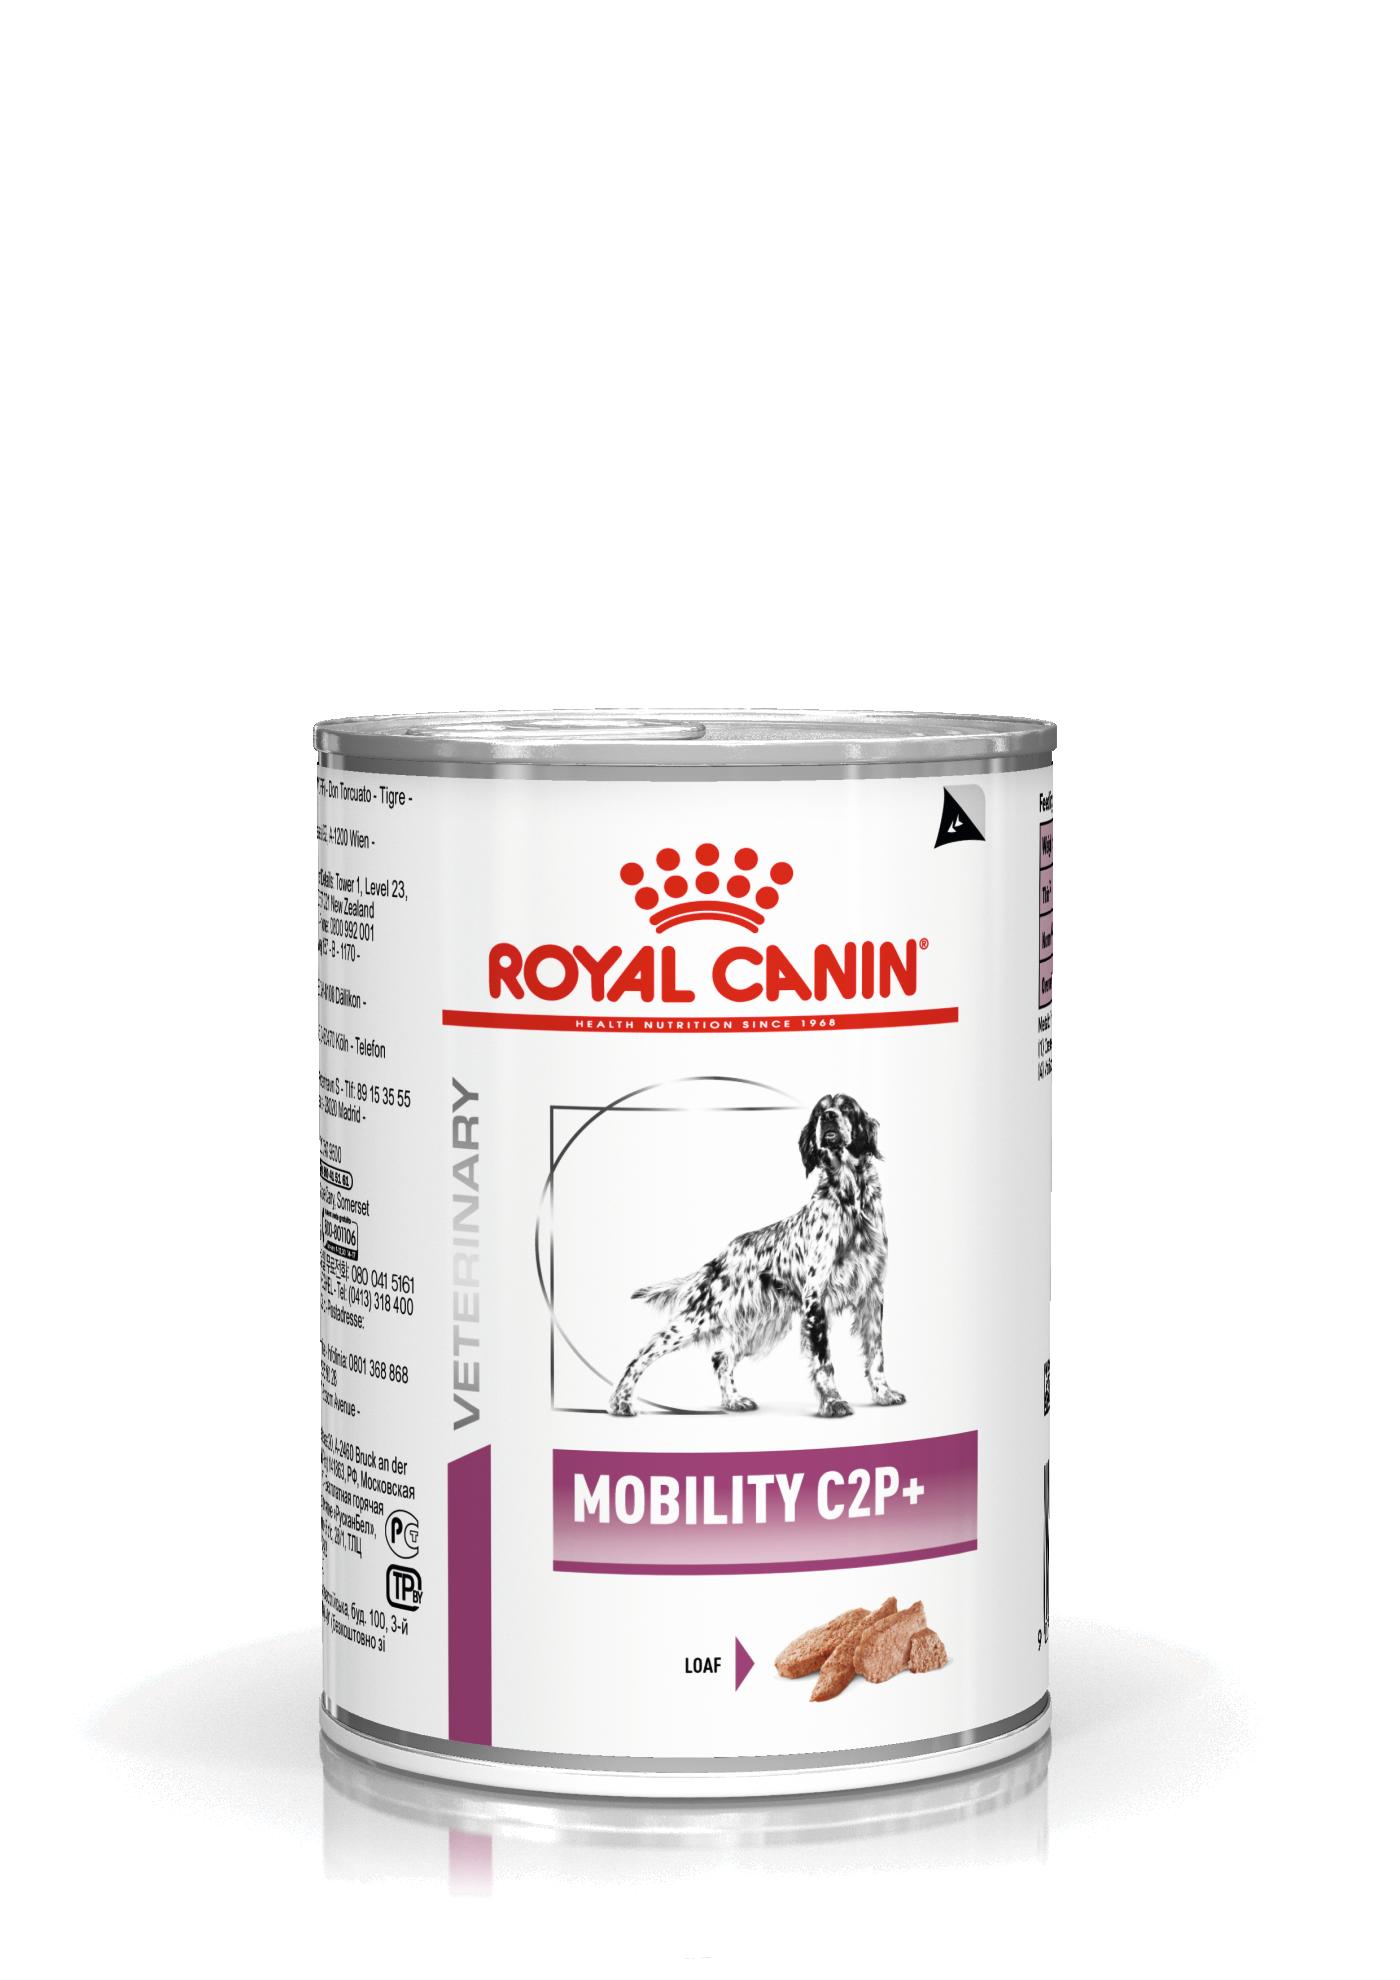 Royal Canin Mobility C2P+ 1 x 400 g (Hund)